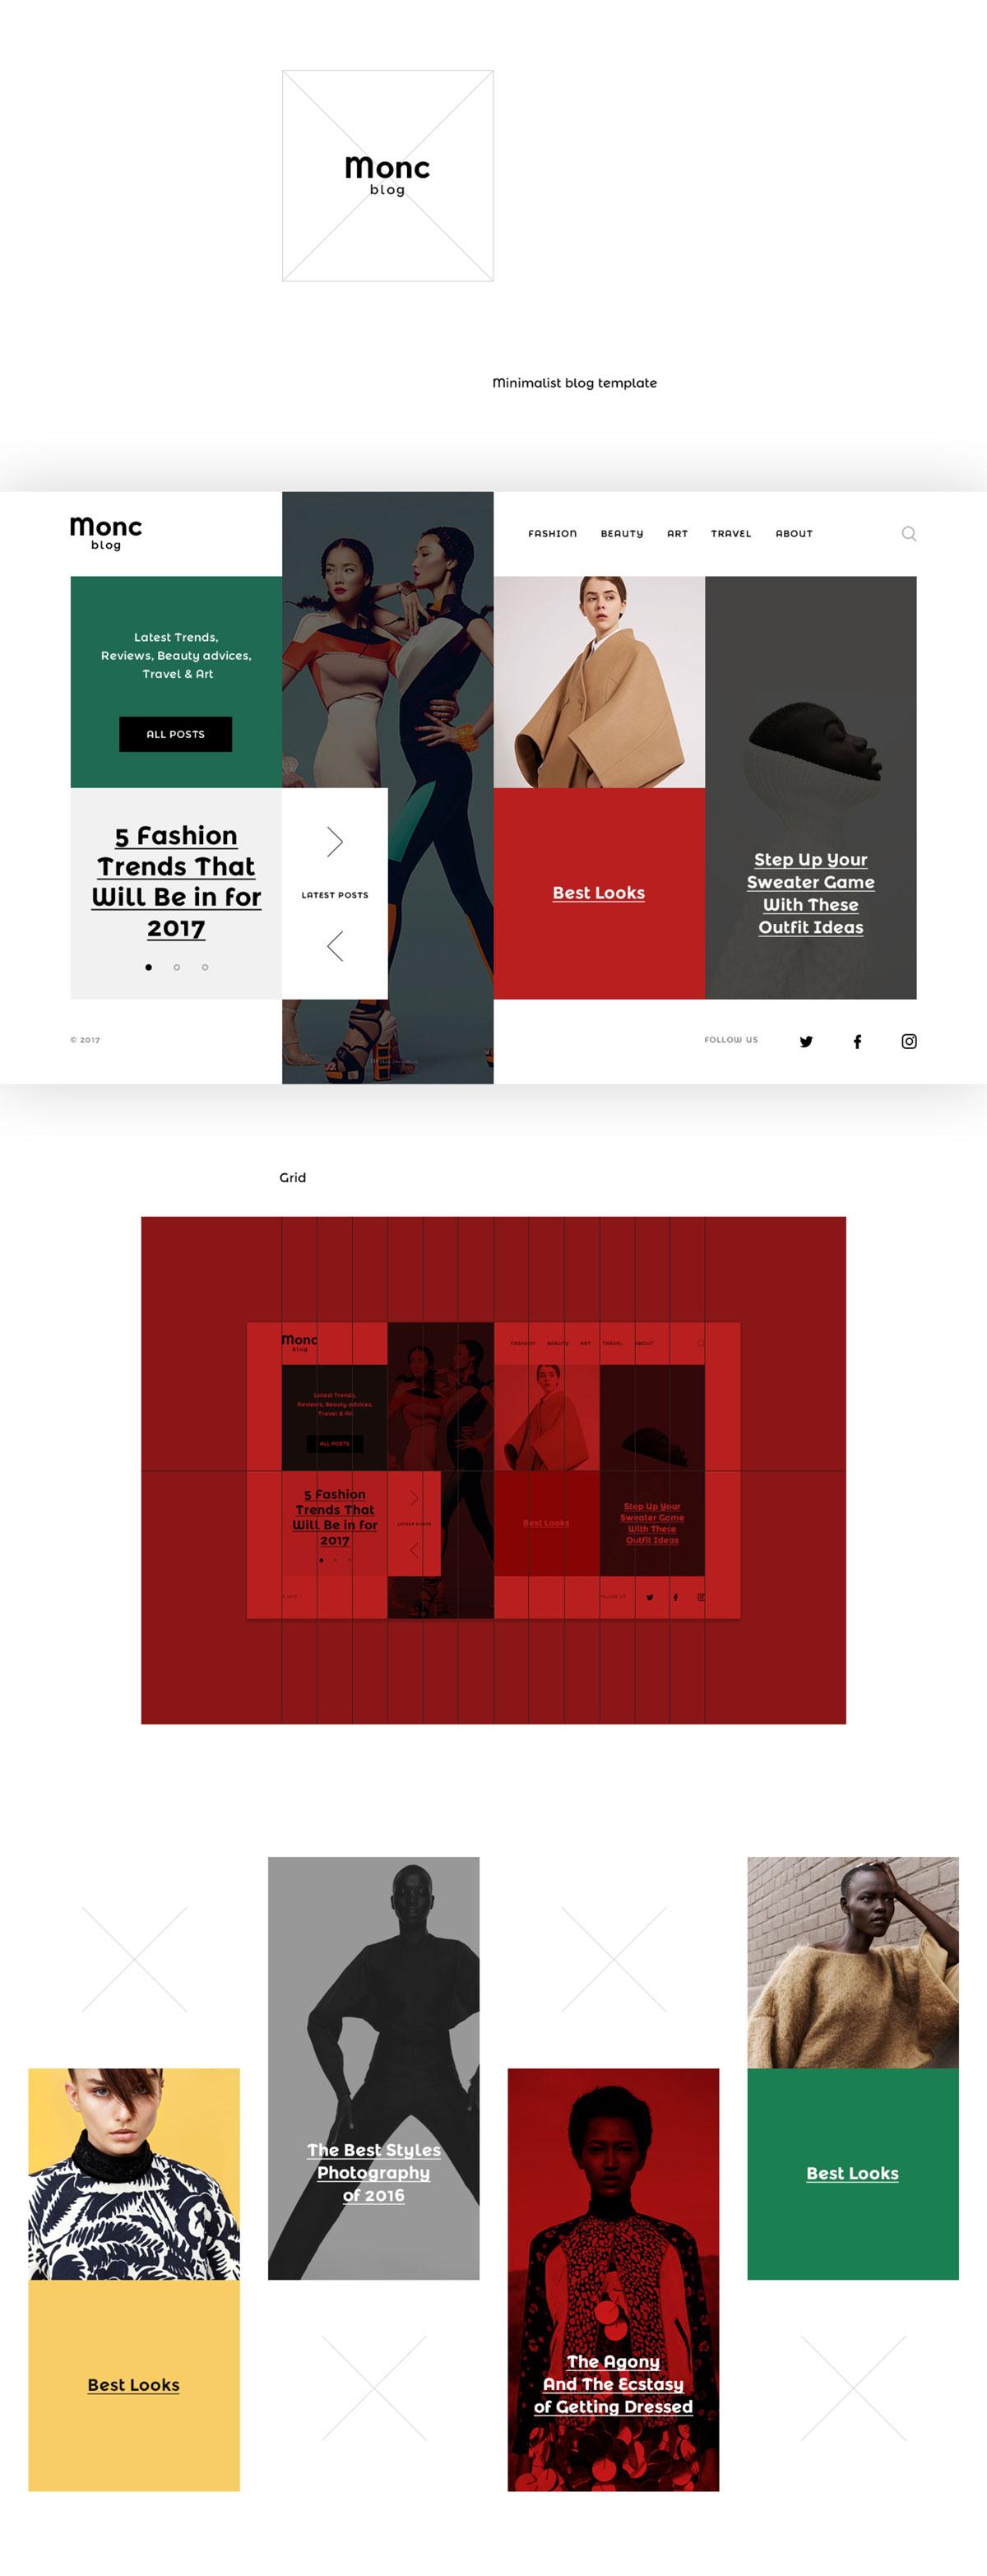 高质量手机版艺术旅游博客网站设计PSD模板 Monc Blog Template插图